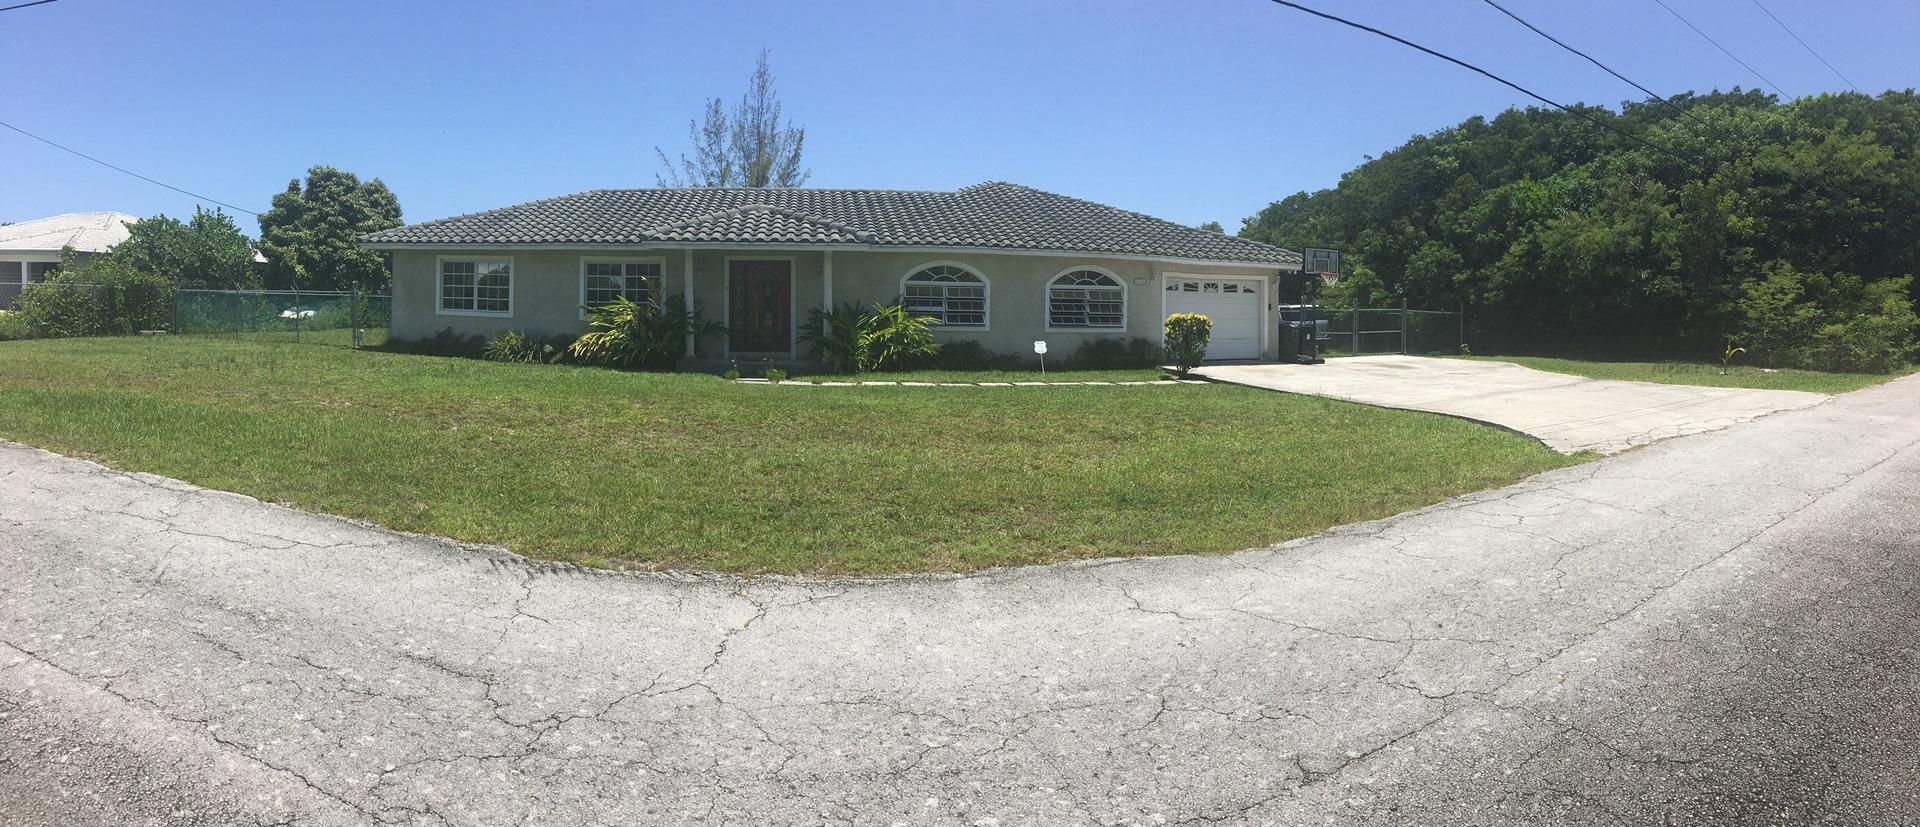 Single Family Home for Sale at Beautiful Home In Royal Bahamian Estates - MLS 27953 Royal Bahamian Estates, Grand Bahama, Bahamas